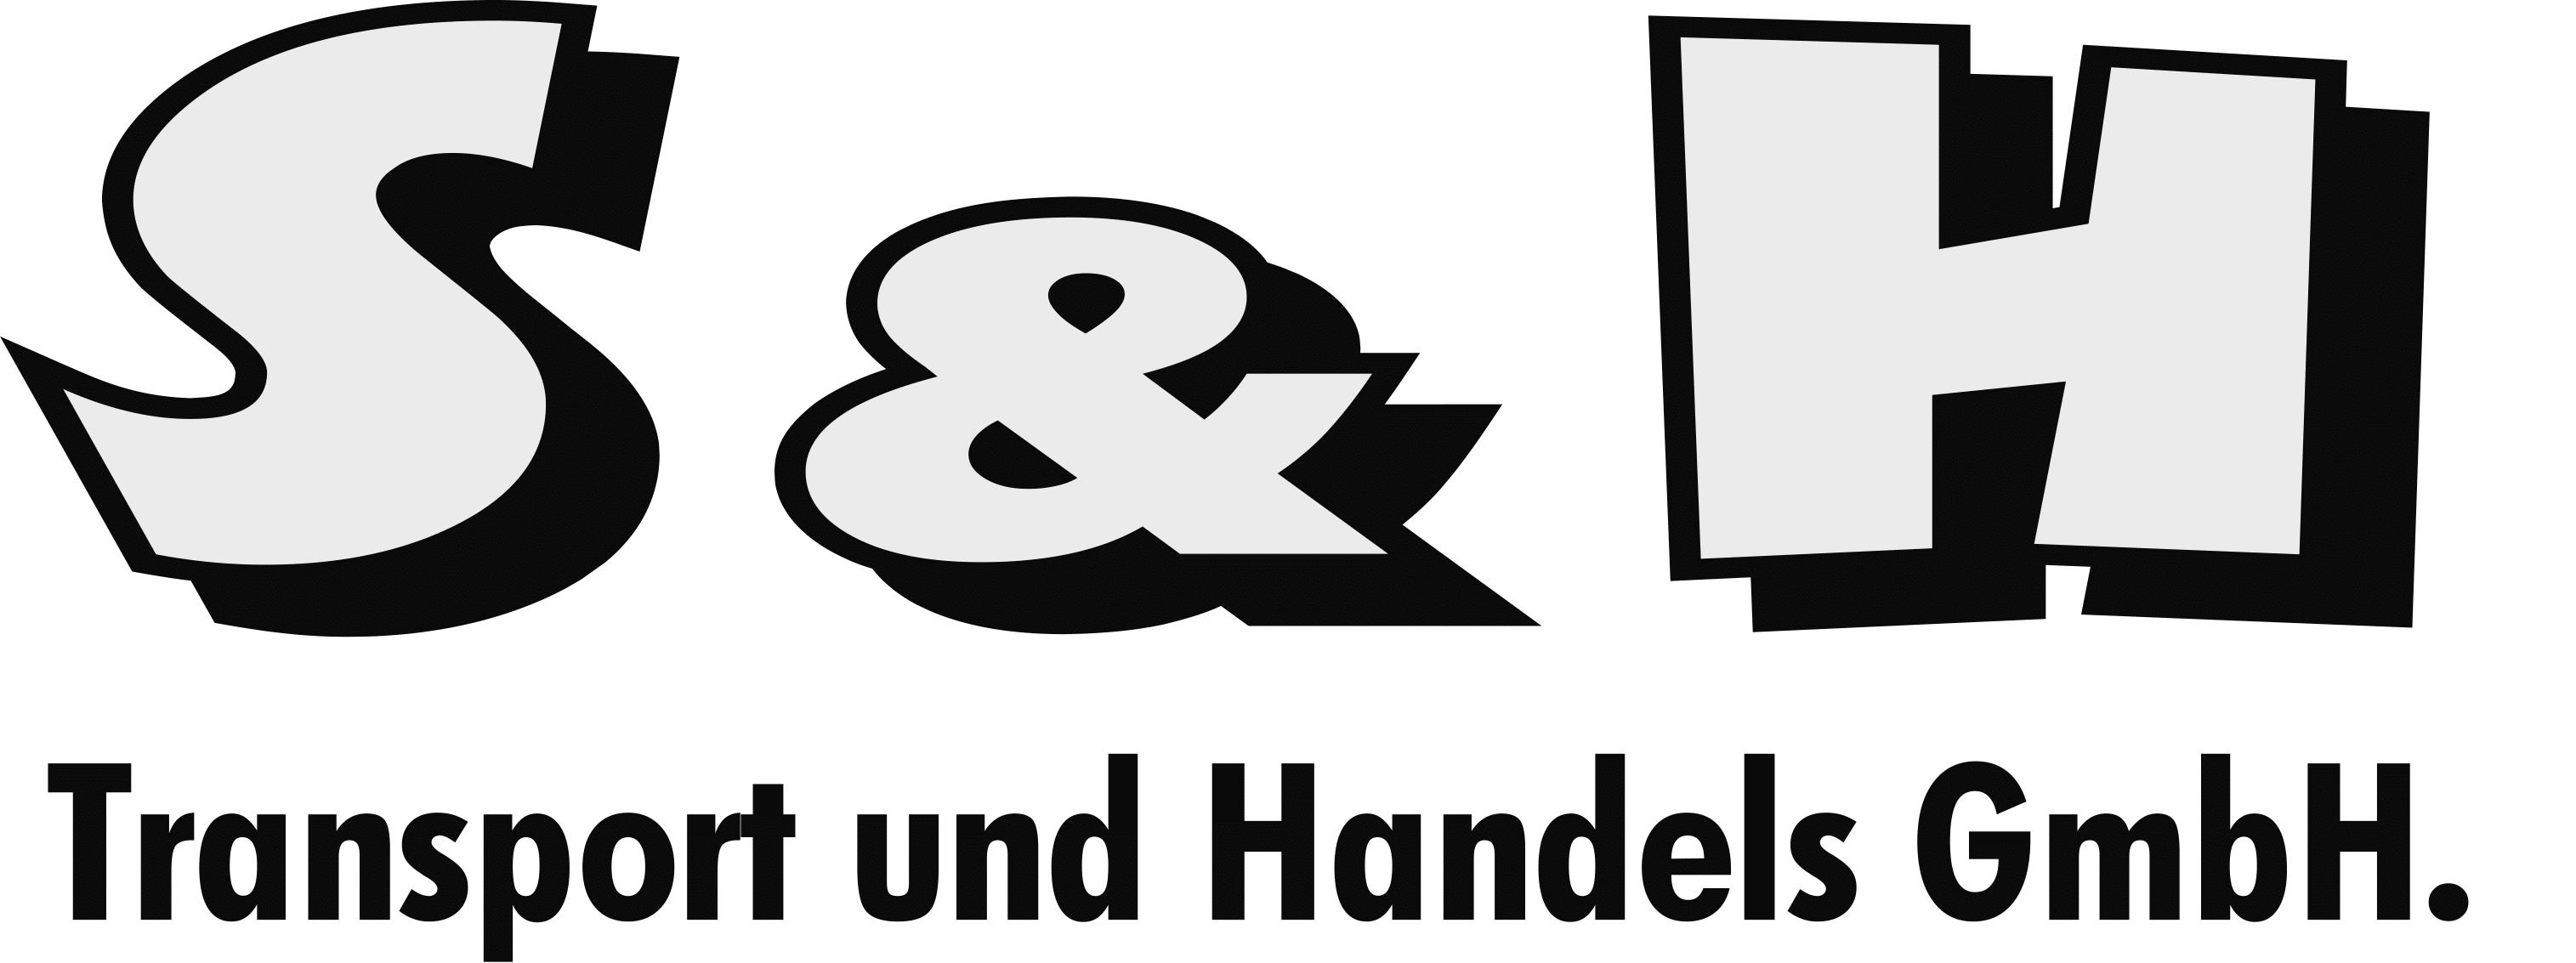 S & H